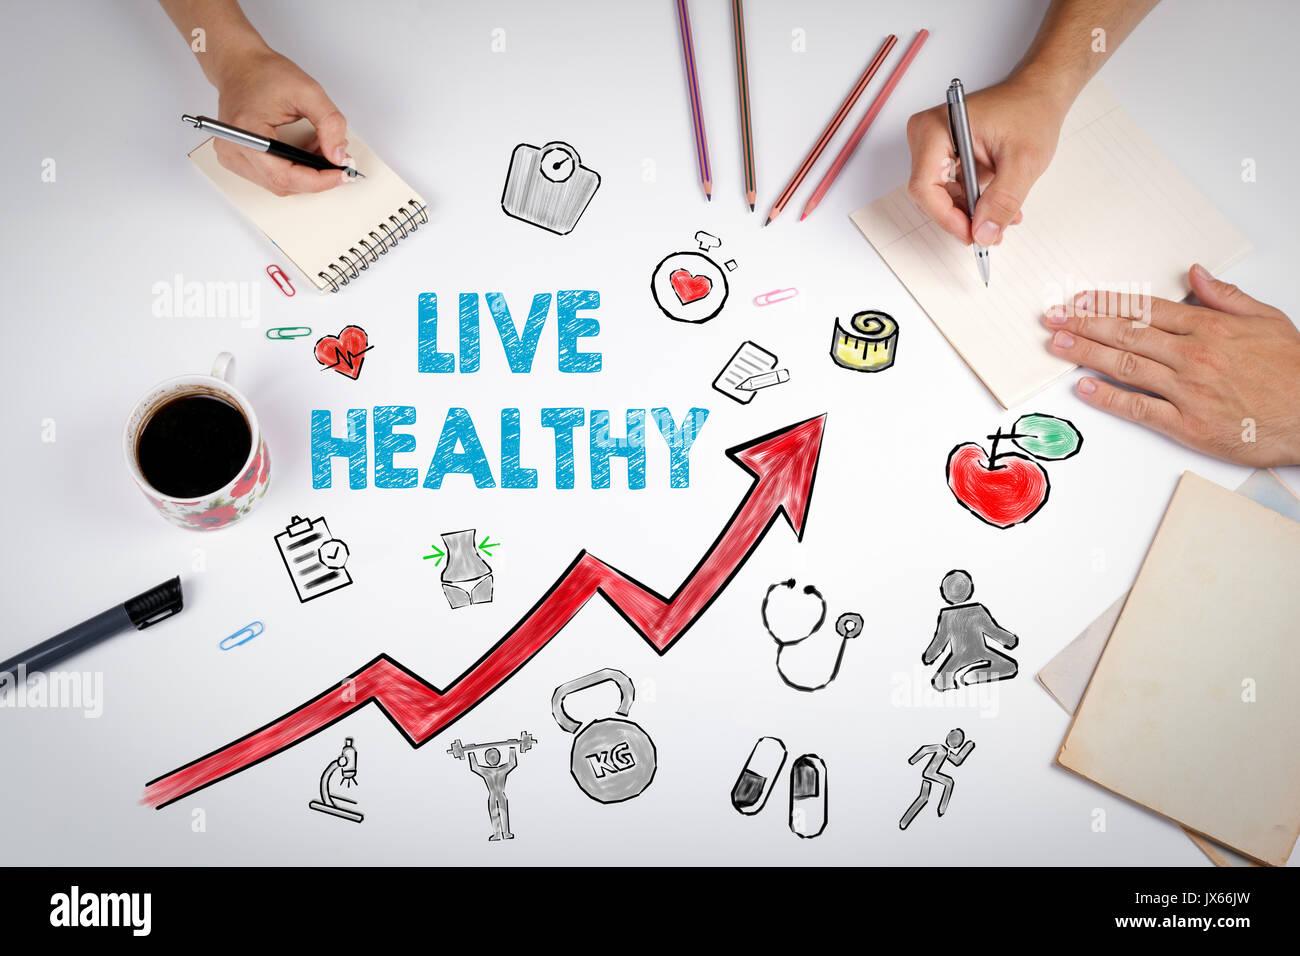 Gesund leben Konzept. Gesunder Lebensstil Hintergrund. Die Sitzung im Weißen office Tabelle. Stockbild